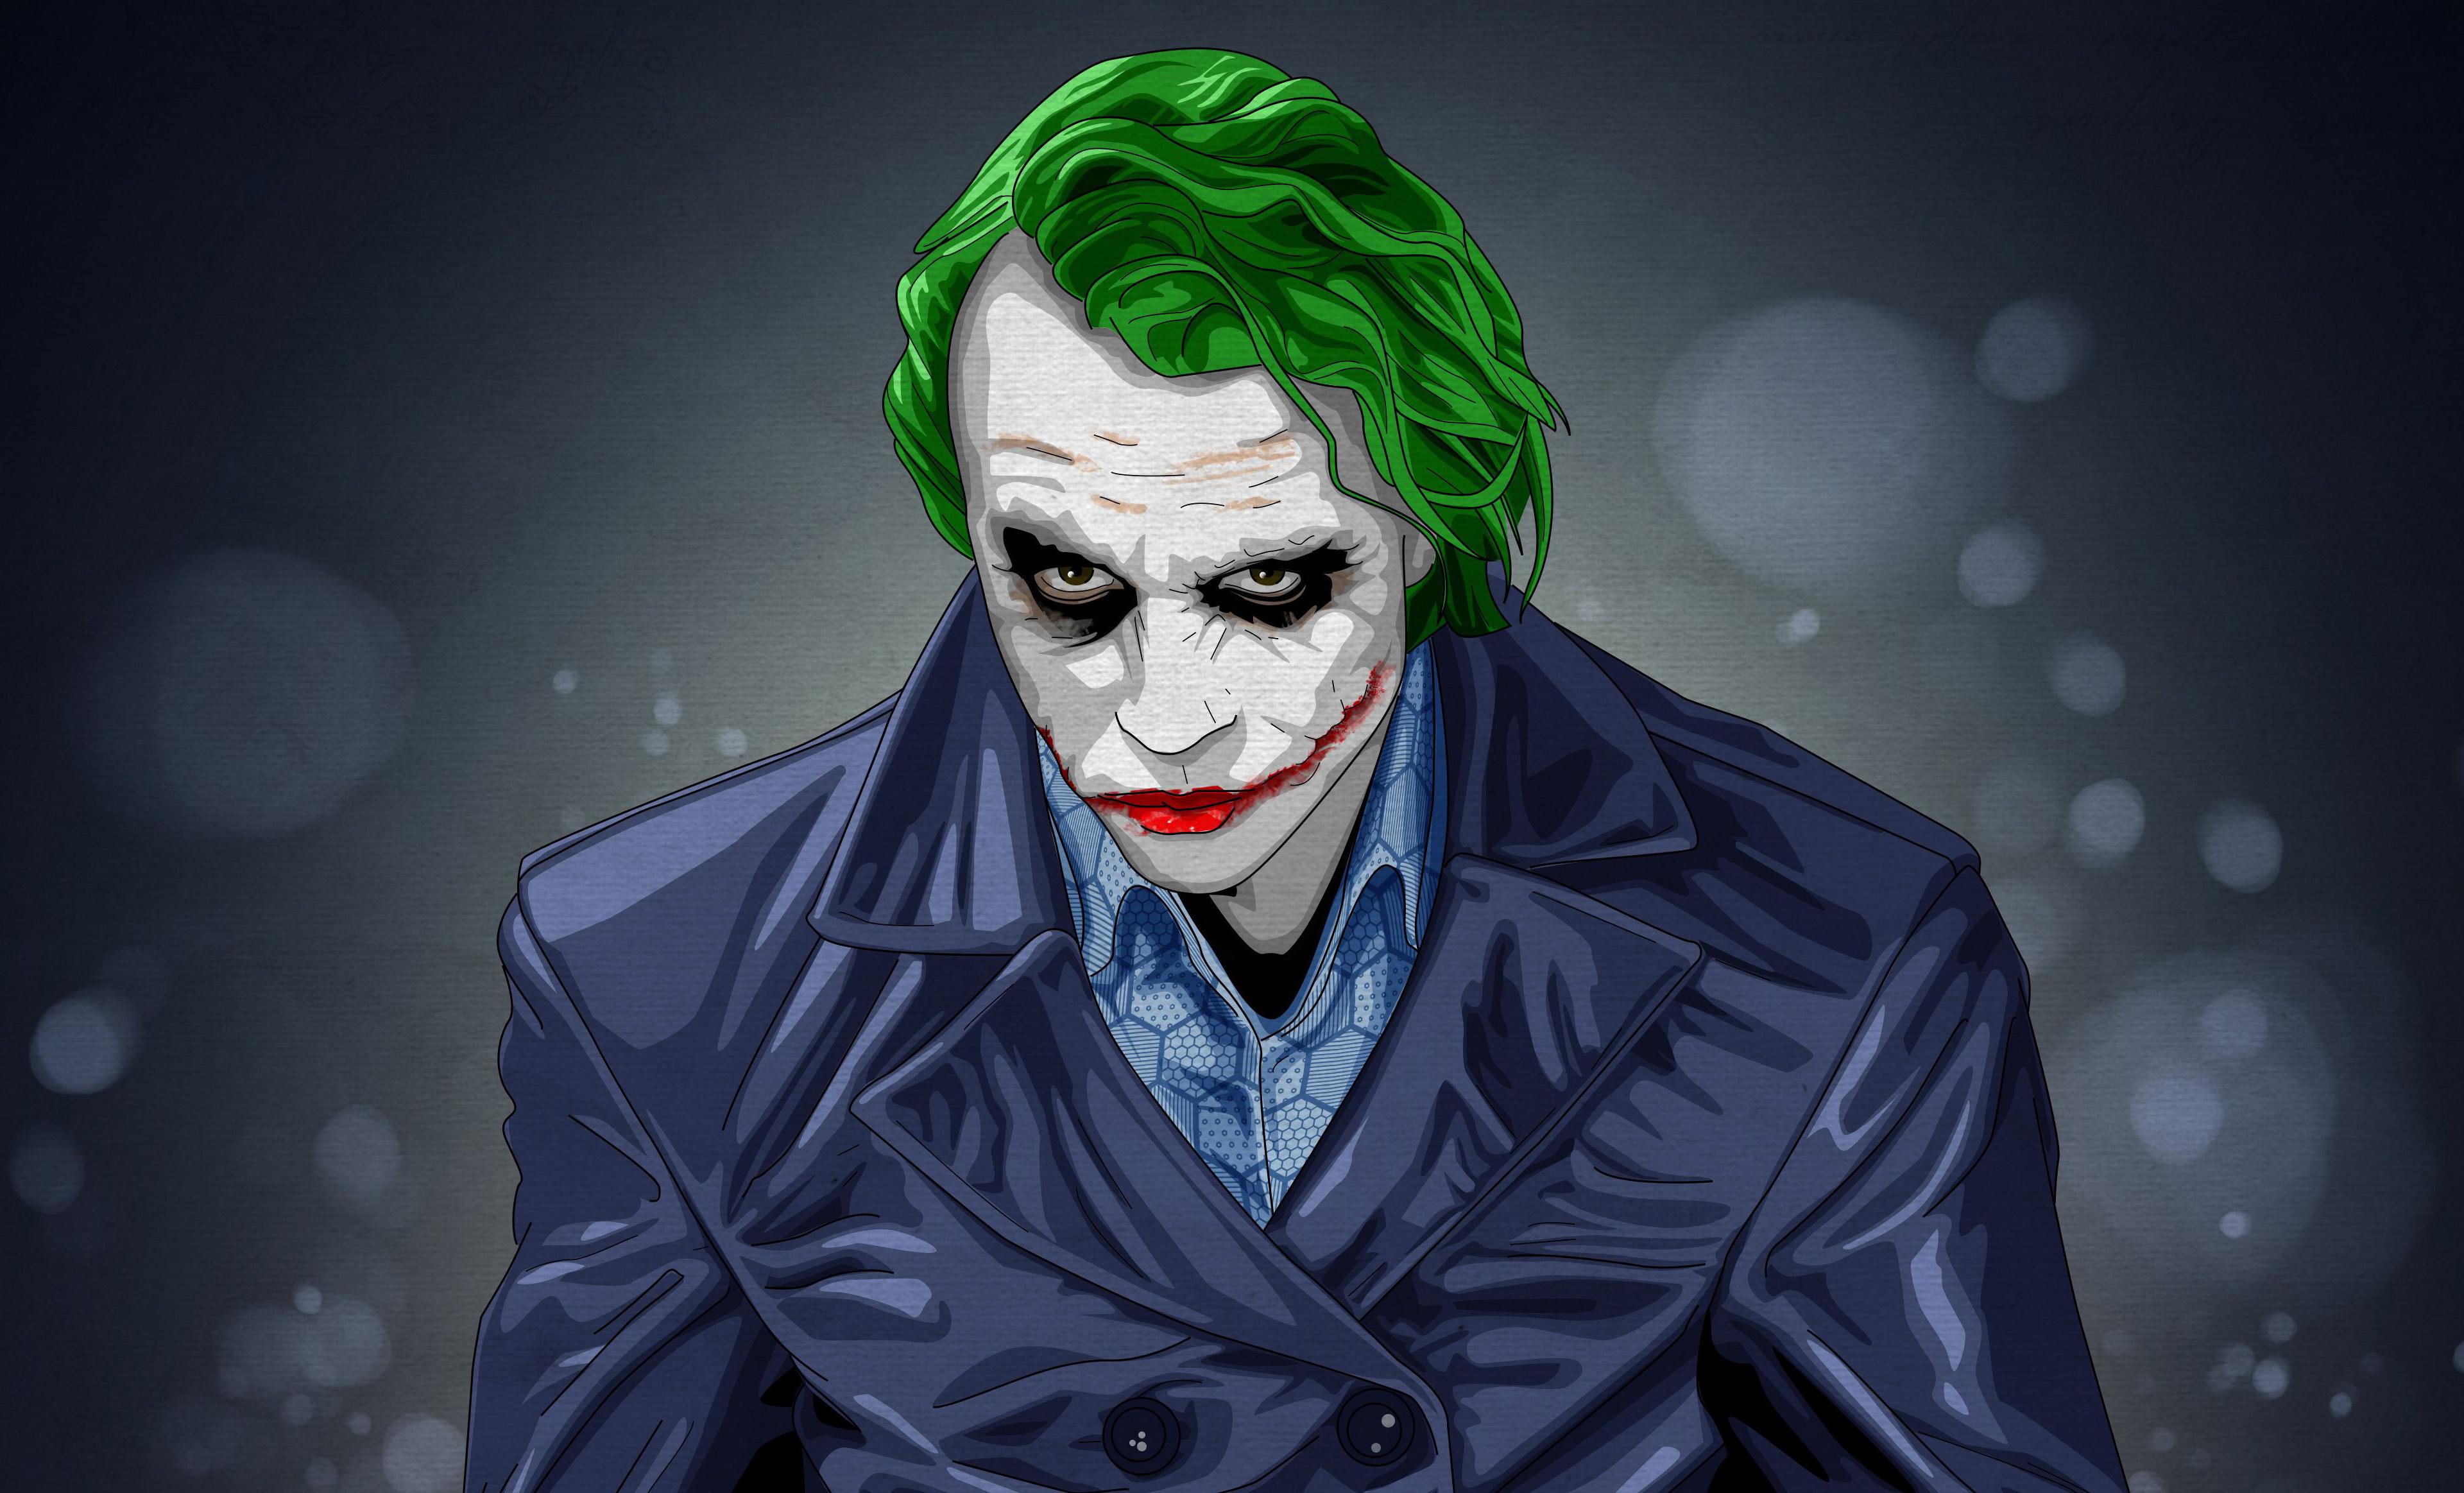 Download 3840x2400 Wallpaper Joker Notorious Villain